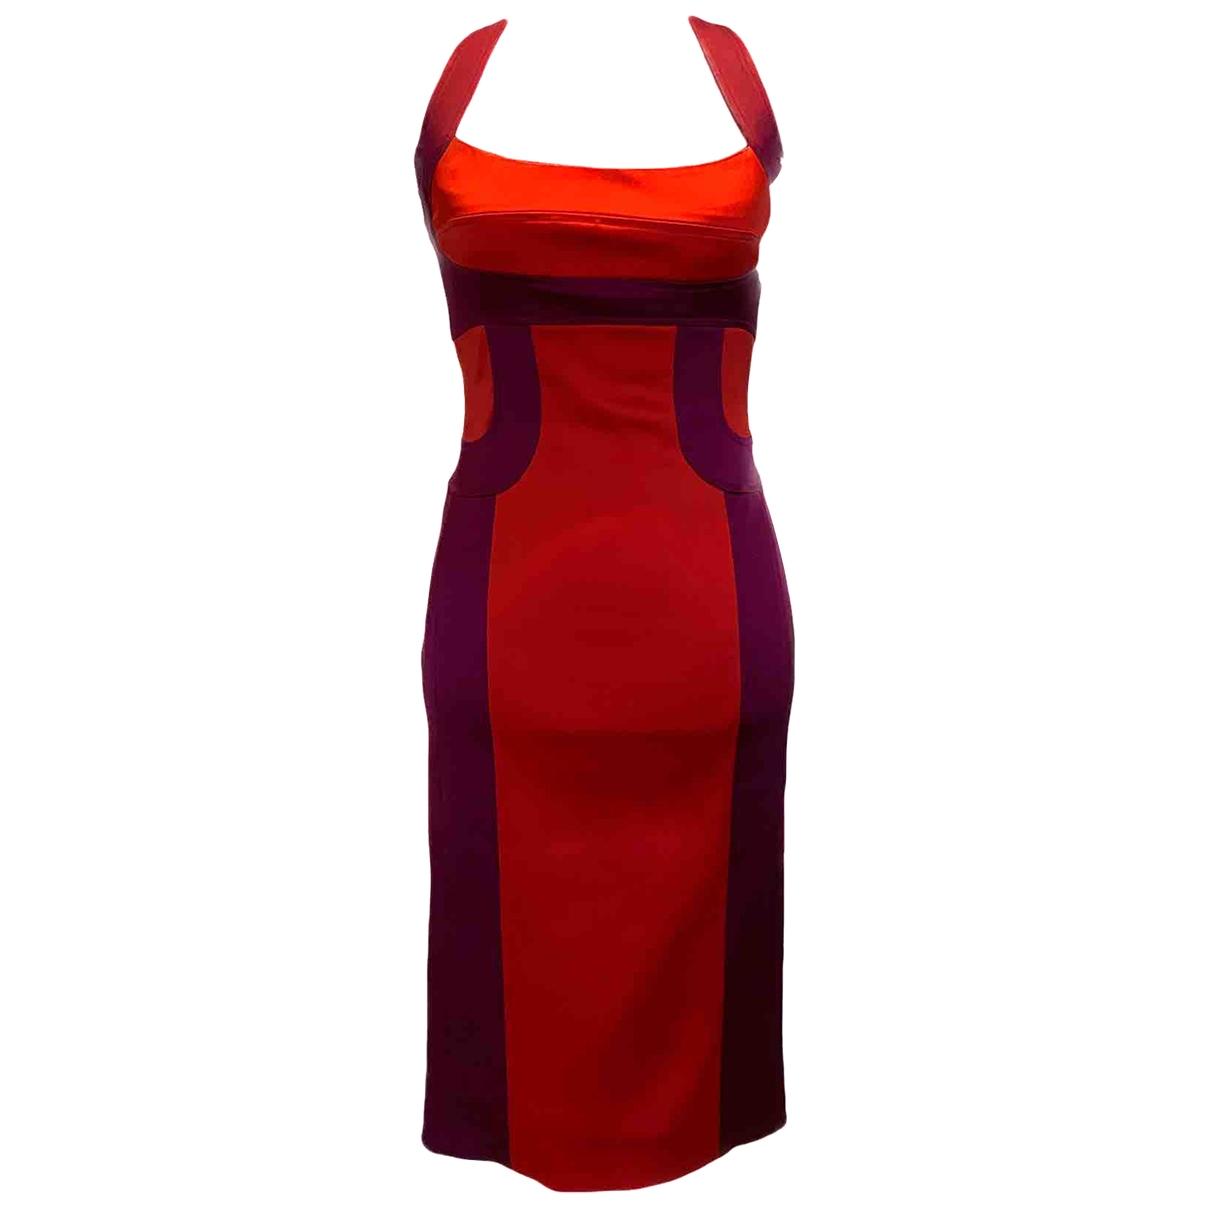 Karen Millen - Robe   pour femme - multicolore